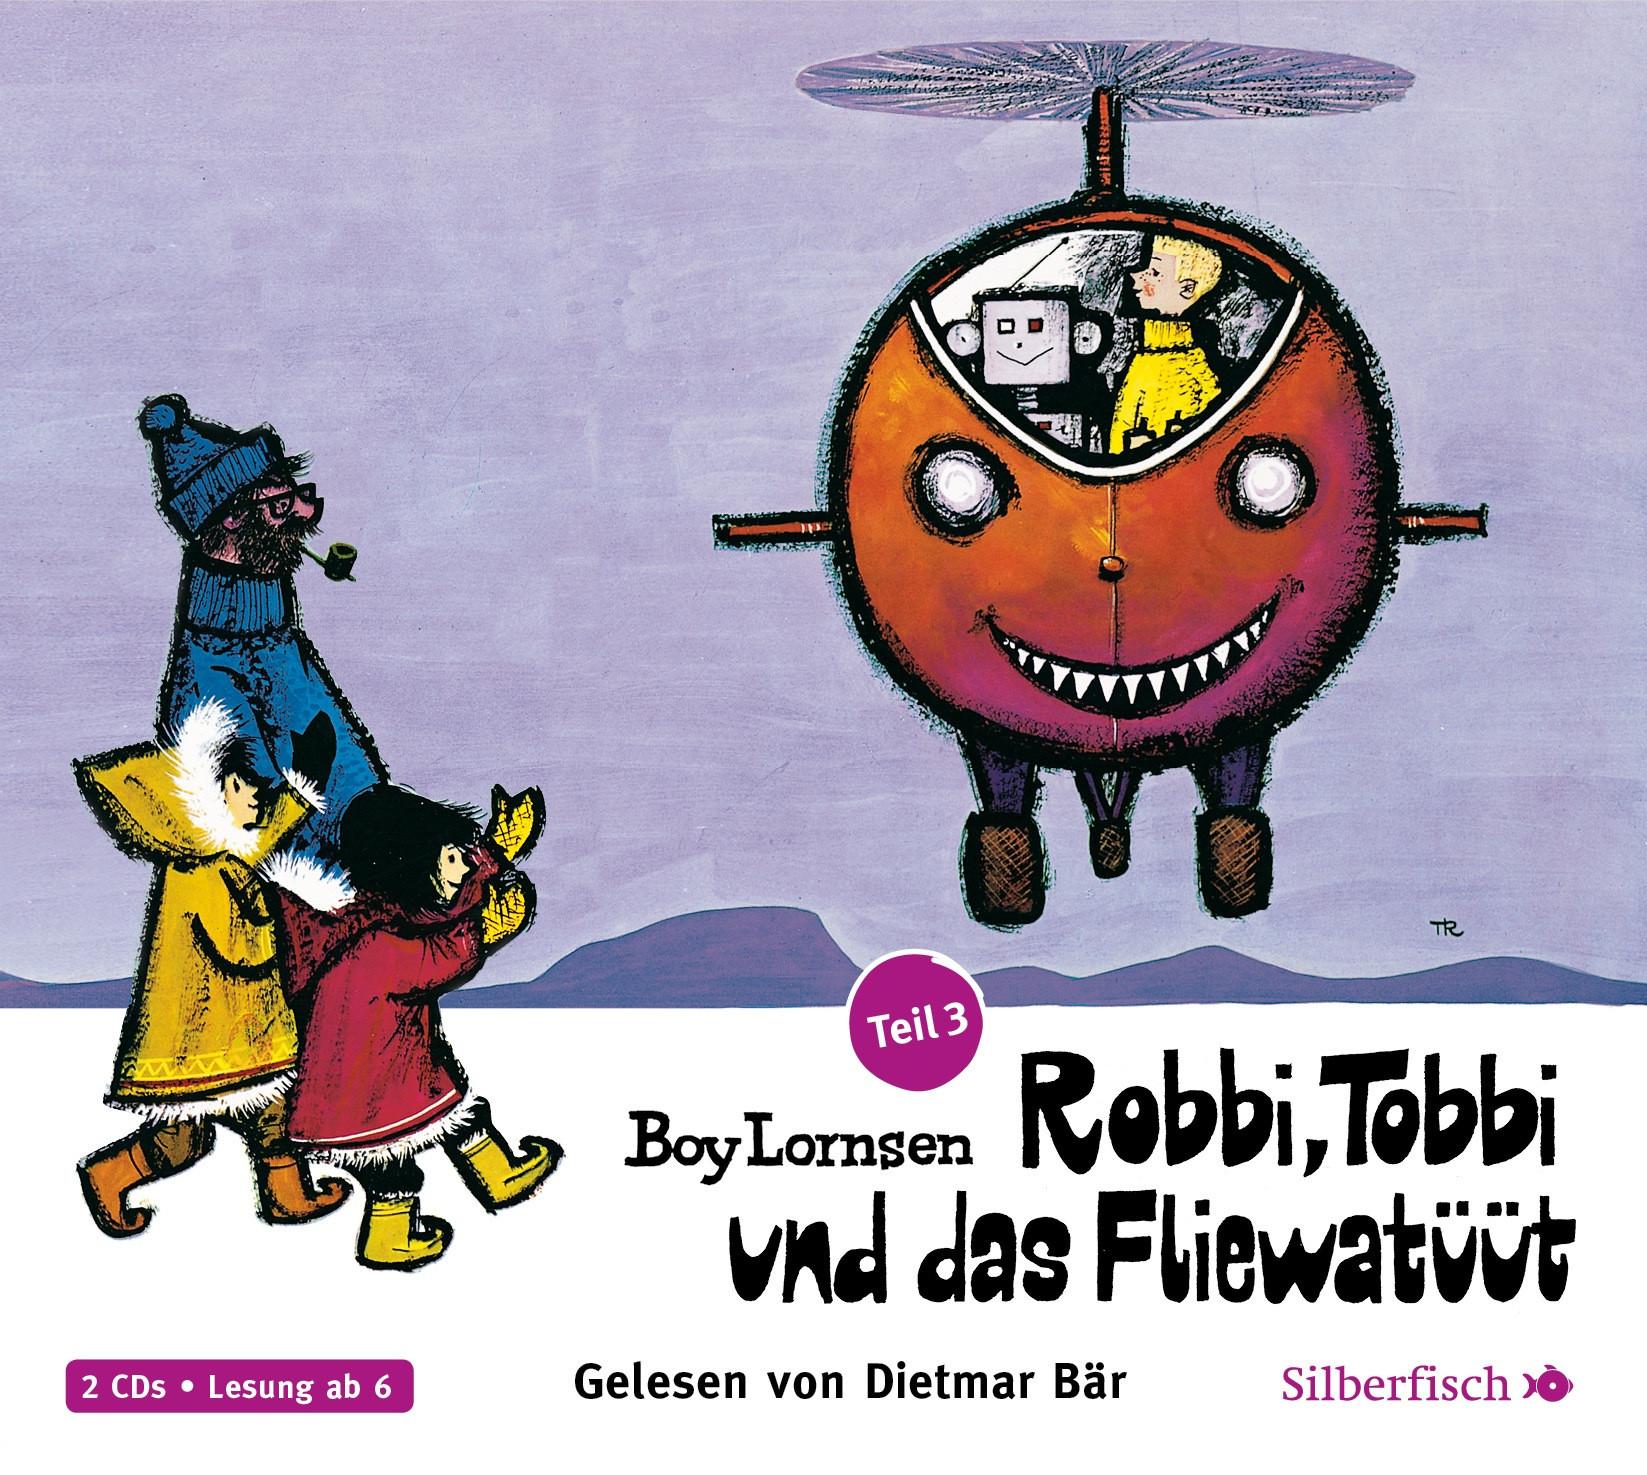 Robbi, Tobbi und das Fliewatüüt - Teil 3